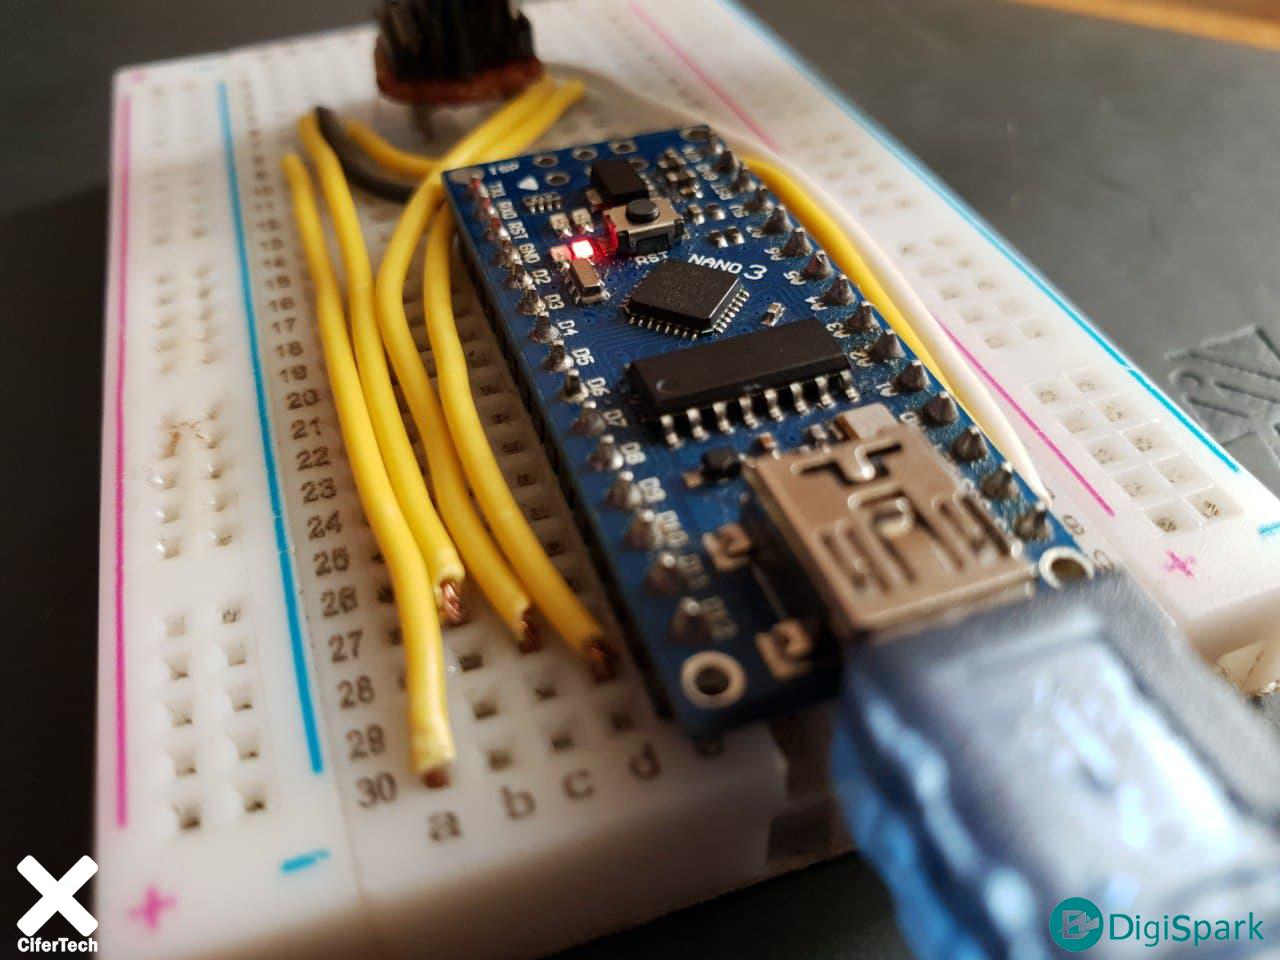 ساخت اسکنر وای فای با برد آردوینو نانو Arduino Nano - دیجی اسپارک